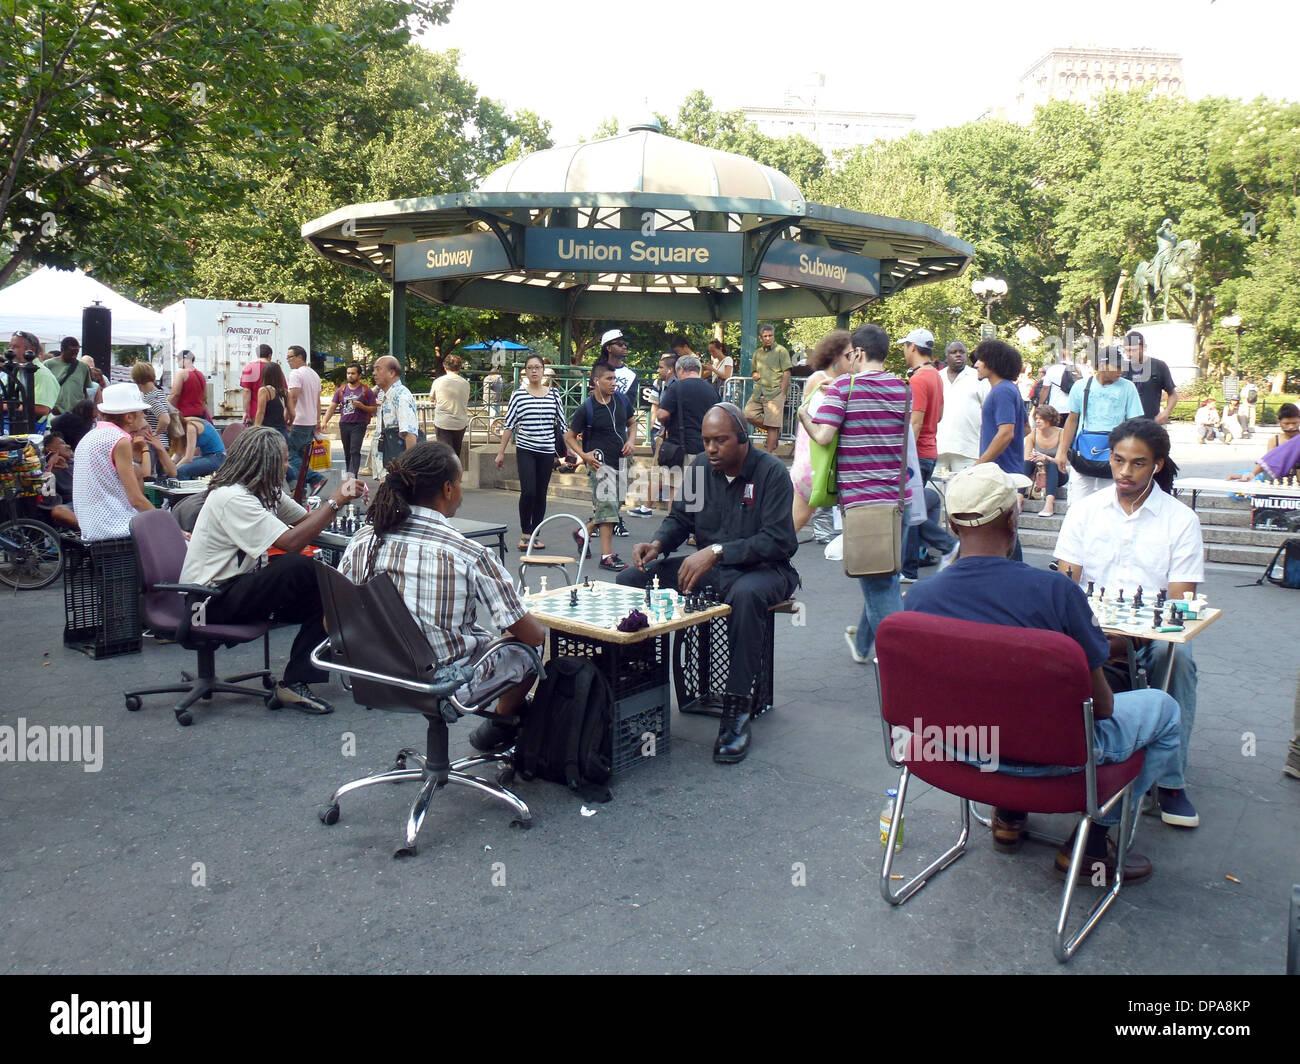 Nueva York, Estados Unidos. 17 Aug, 2013. Los jugadores de ajedrez sentarse en la Union Square, en Nueva York, Estados Foto de stock